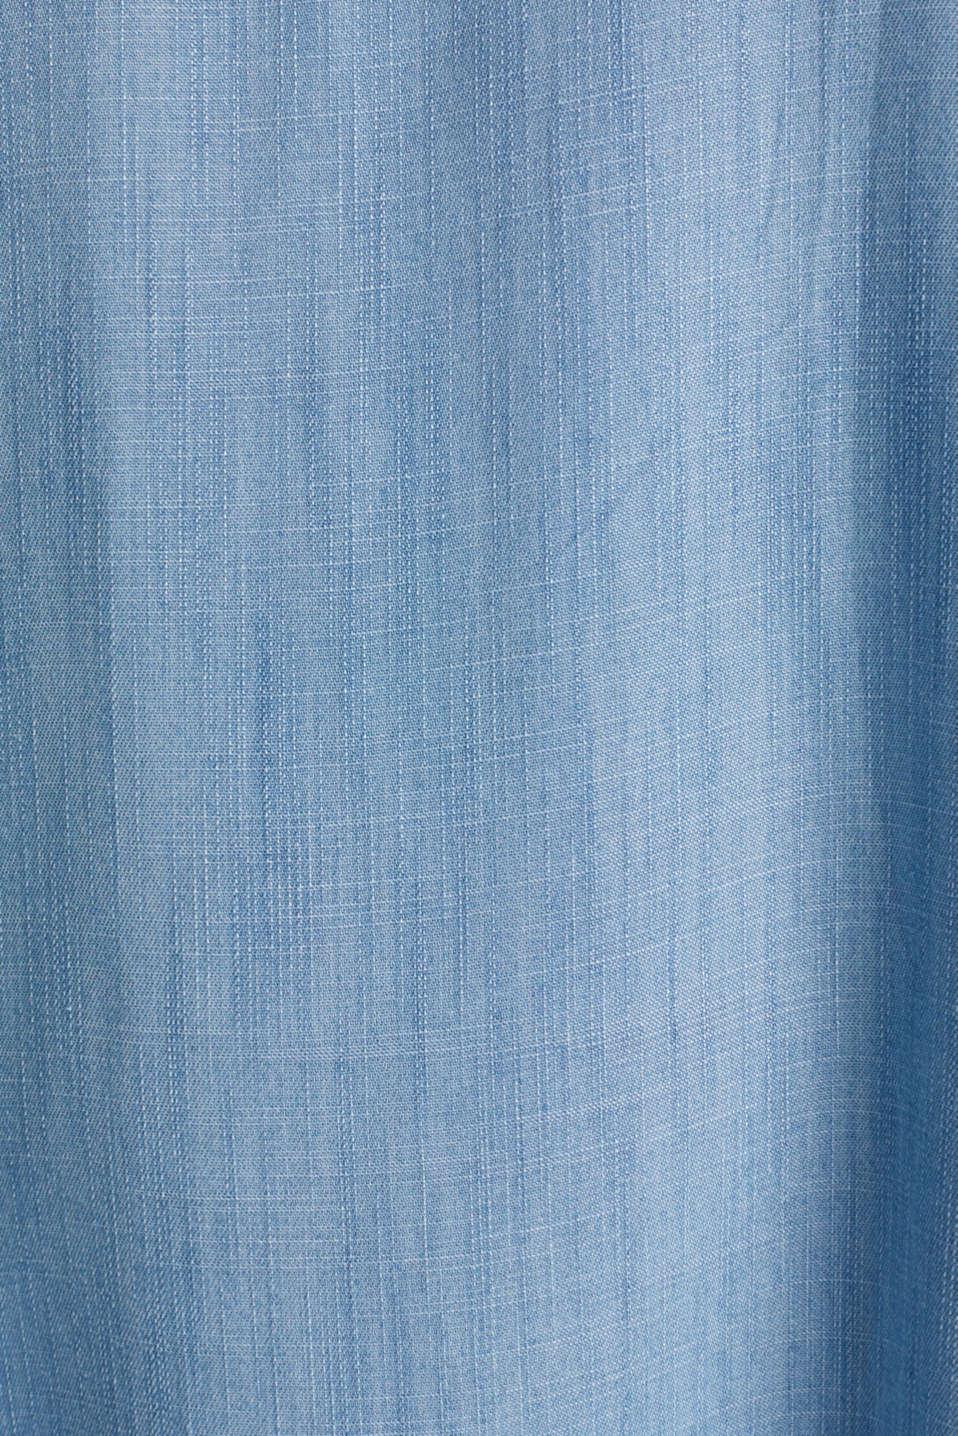 Denim dress made 100% lyocell, BLUE LIGHT WASH, detail image number 4